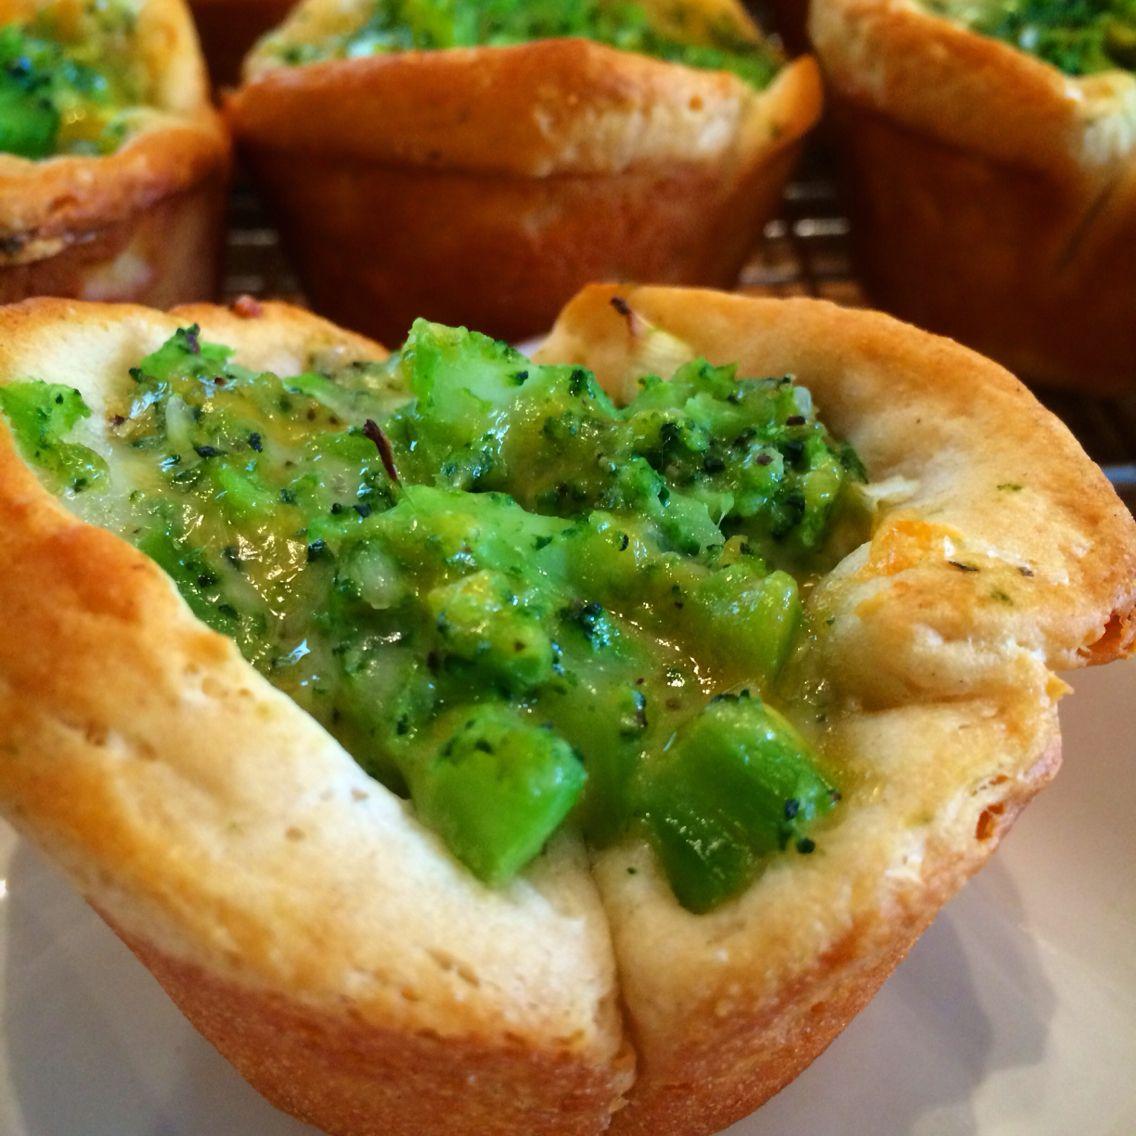 Broccoli cheddar cups